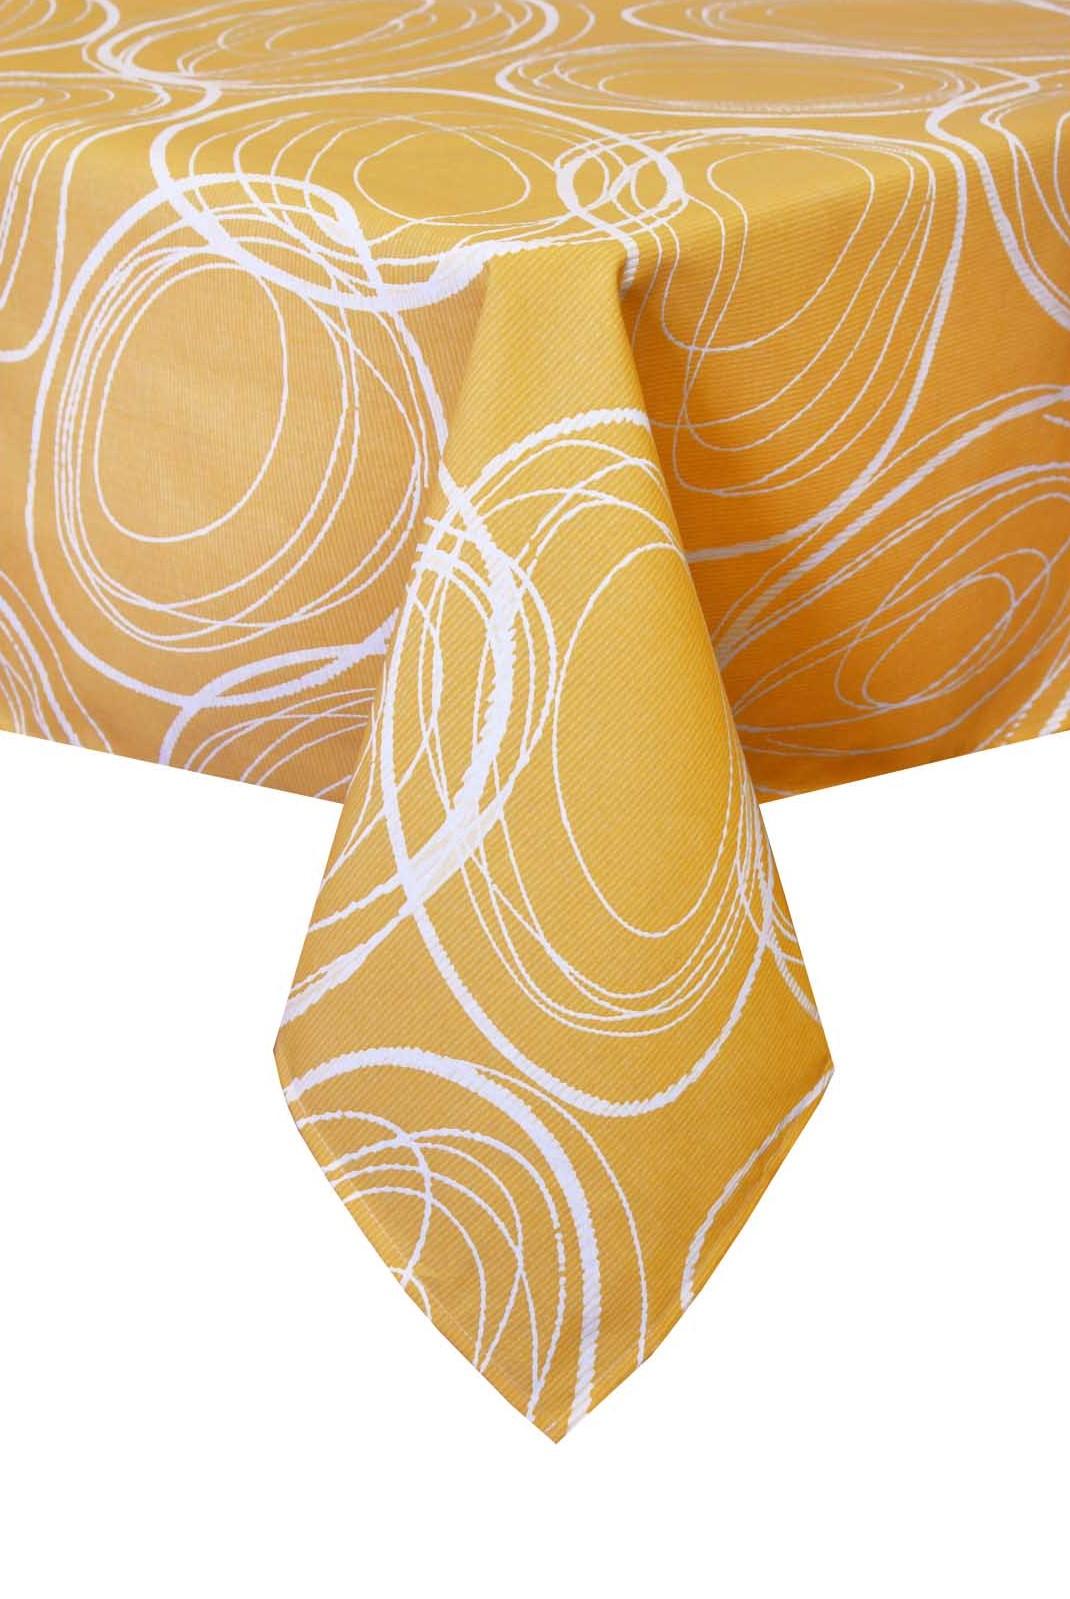 Скатерть Прованс Круги на желтом с тефлоновым покрытием